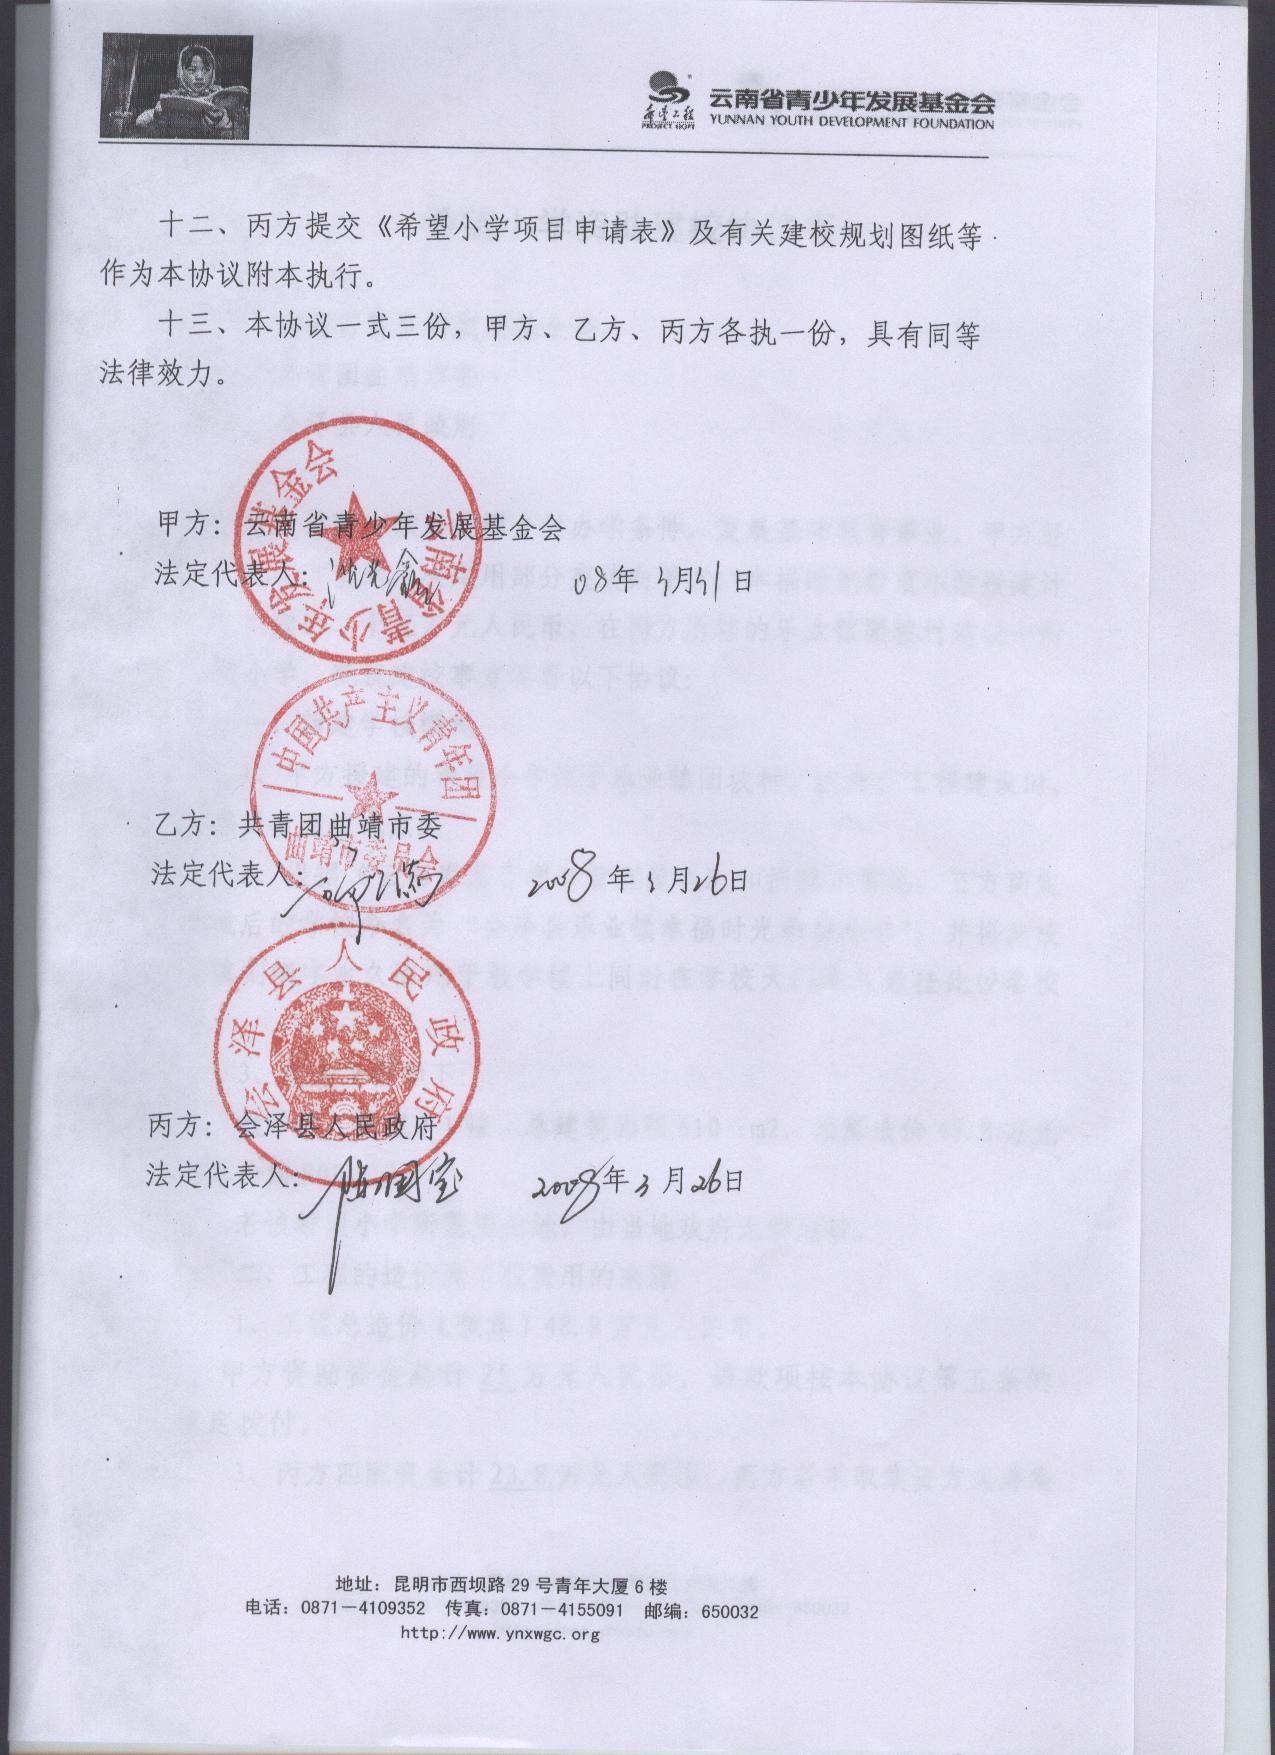 建校三方协议_mingqianbailu - 明前白露 - mingqianbailu的博客